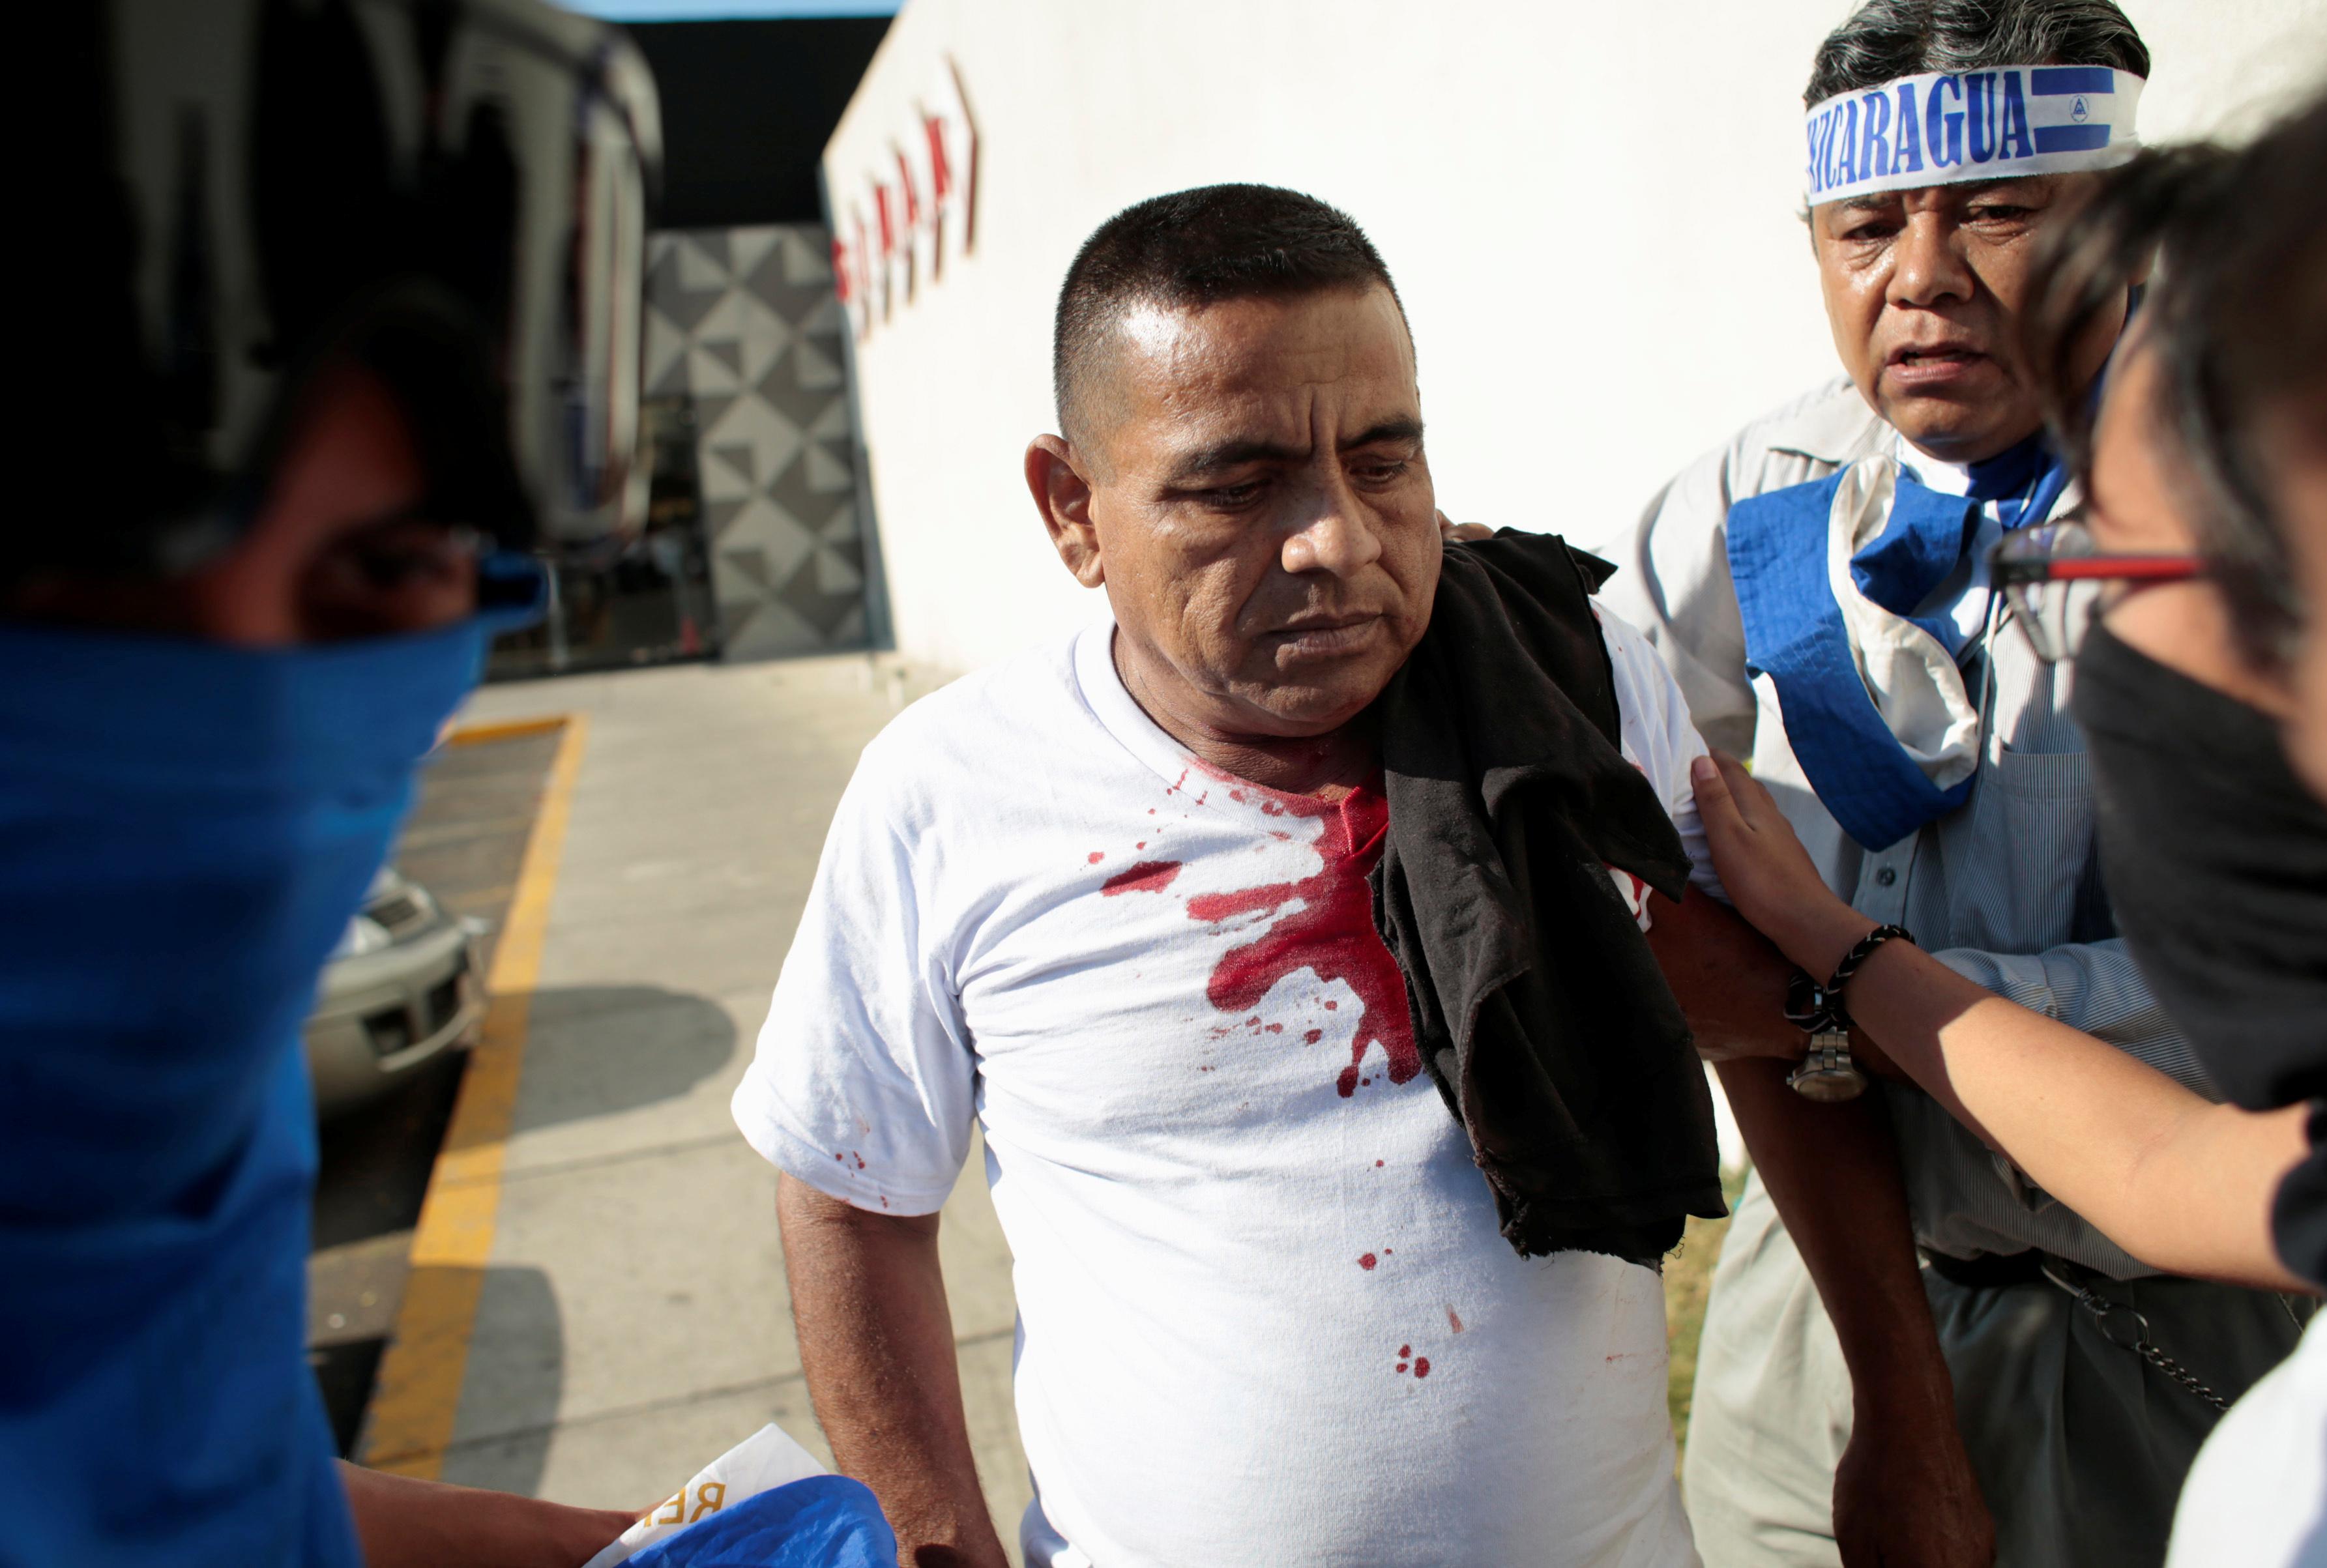 أثار الدماء على قميص أحد المتظاهرين جراء العنف